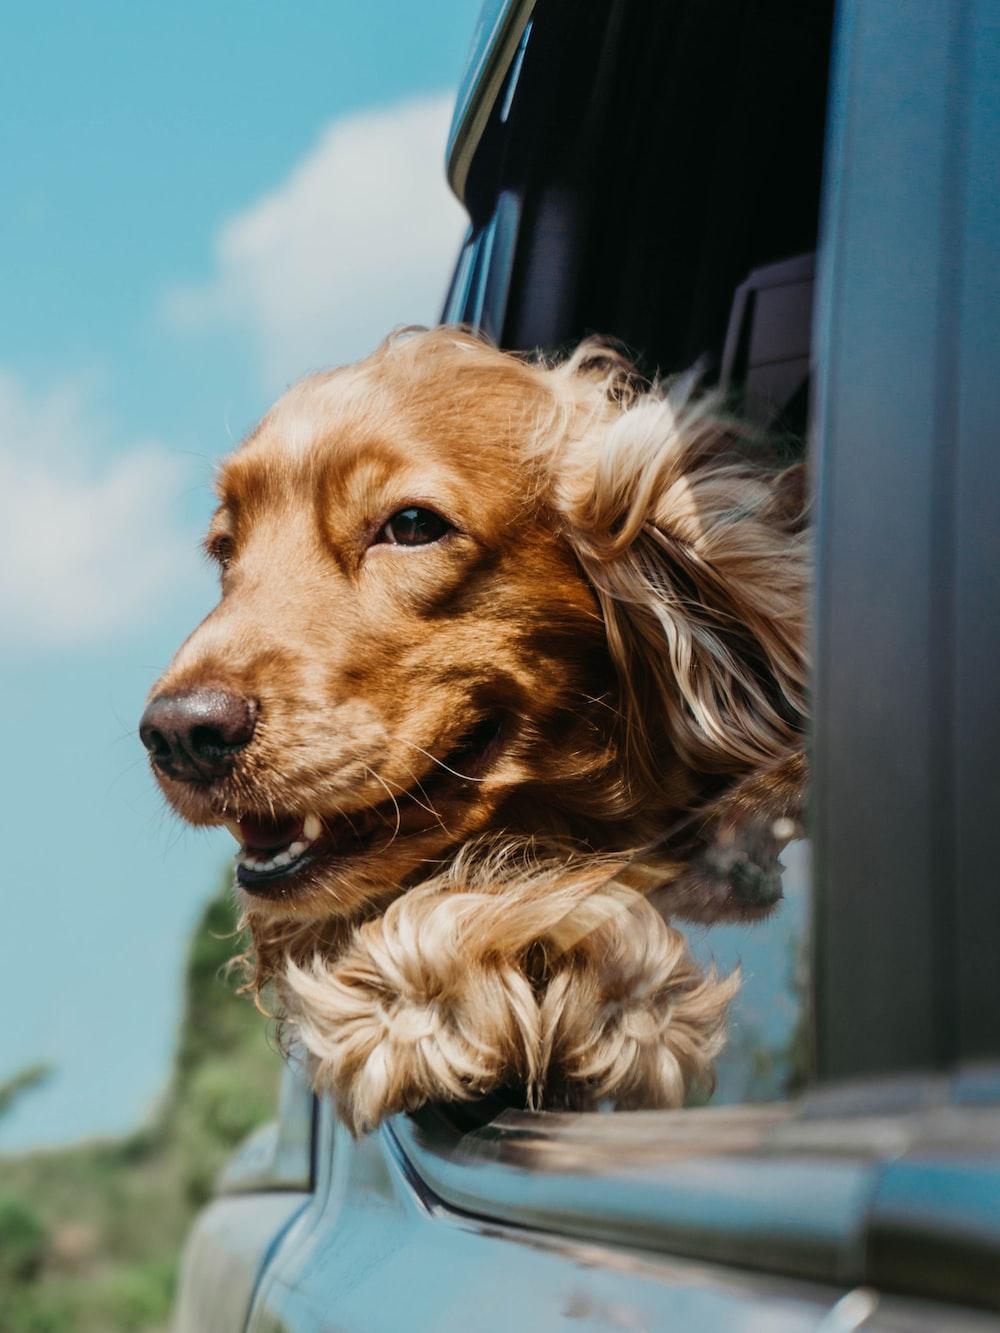 golden retriever inside car